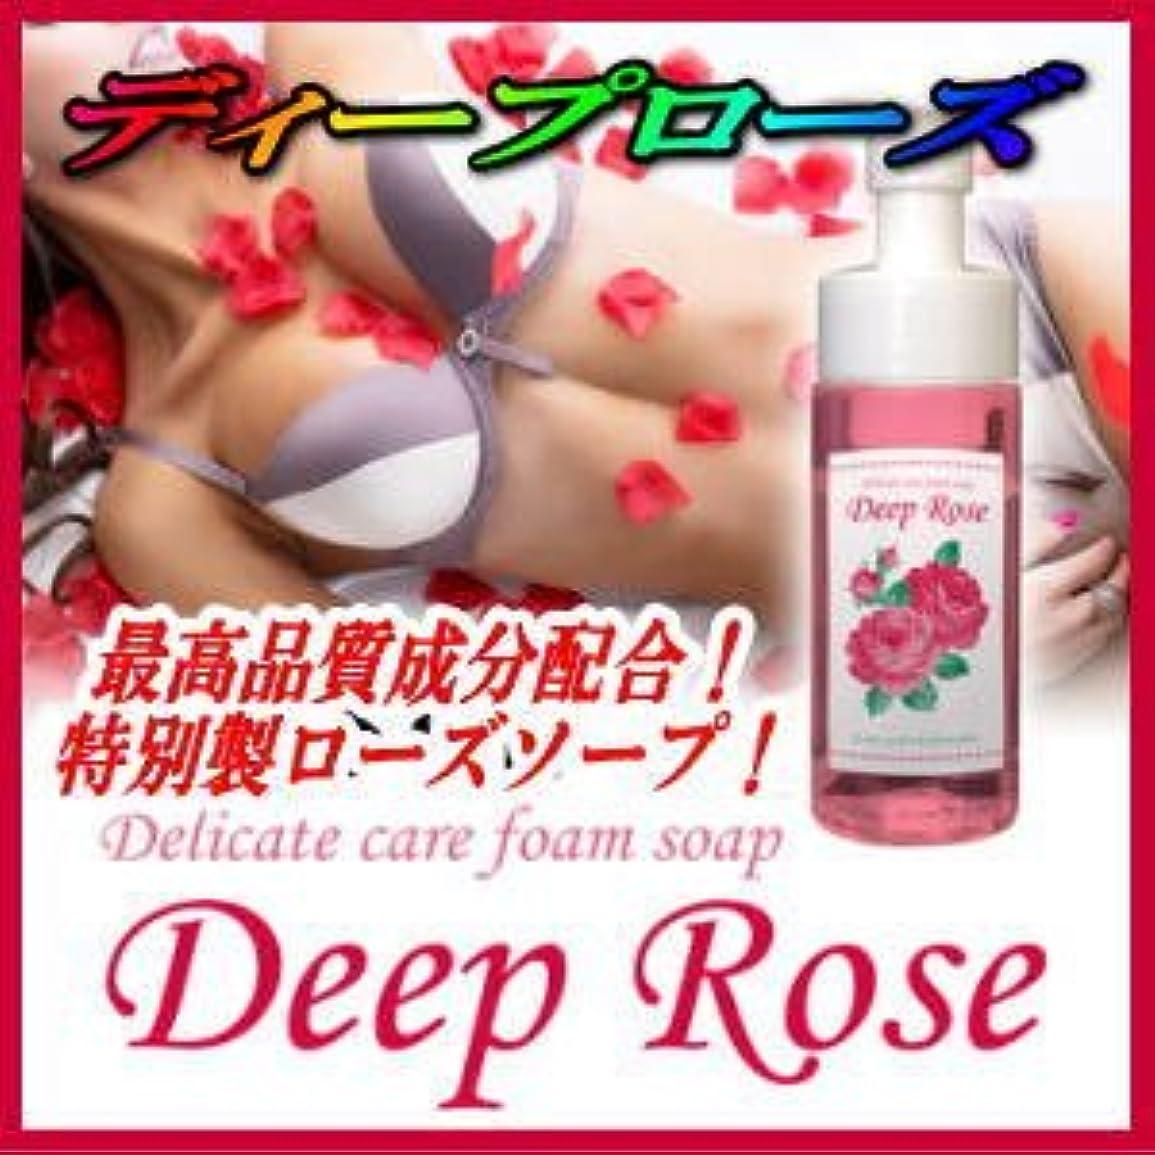 広告タンカー困難DEEP ROSE (ディープローズ)